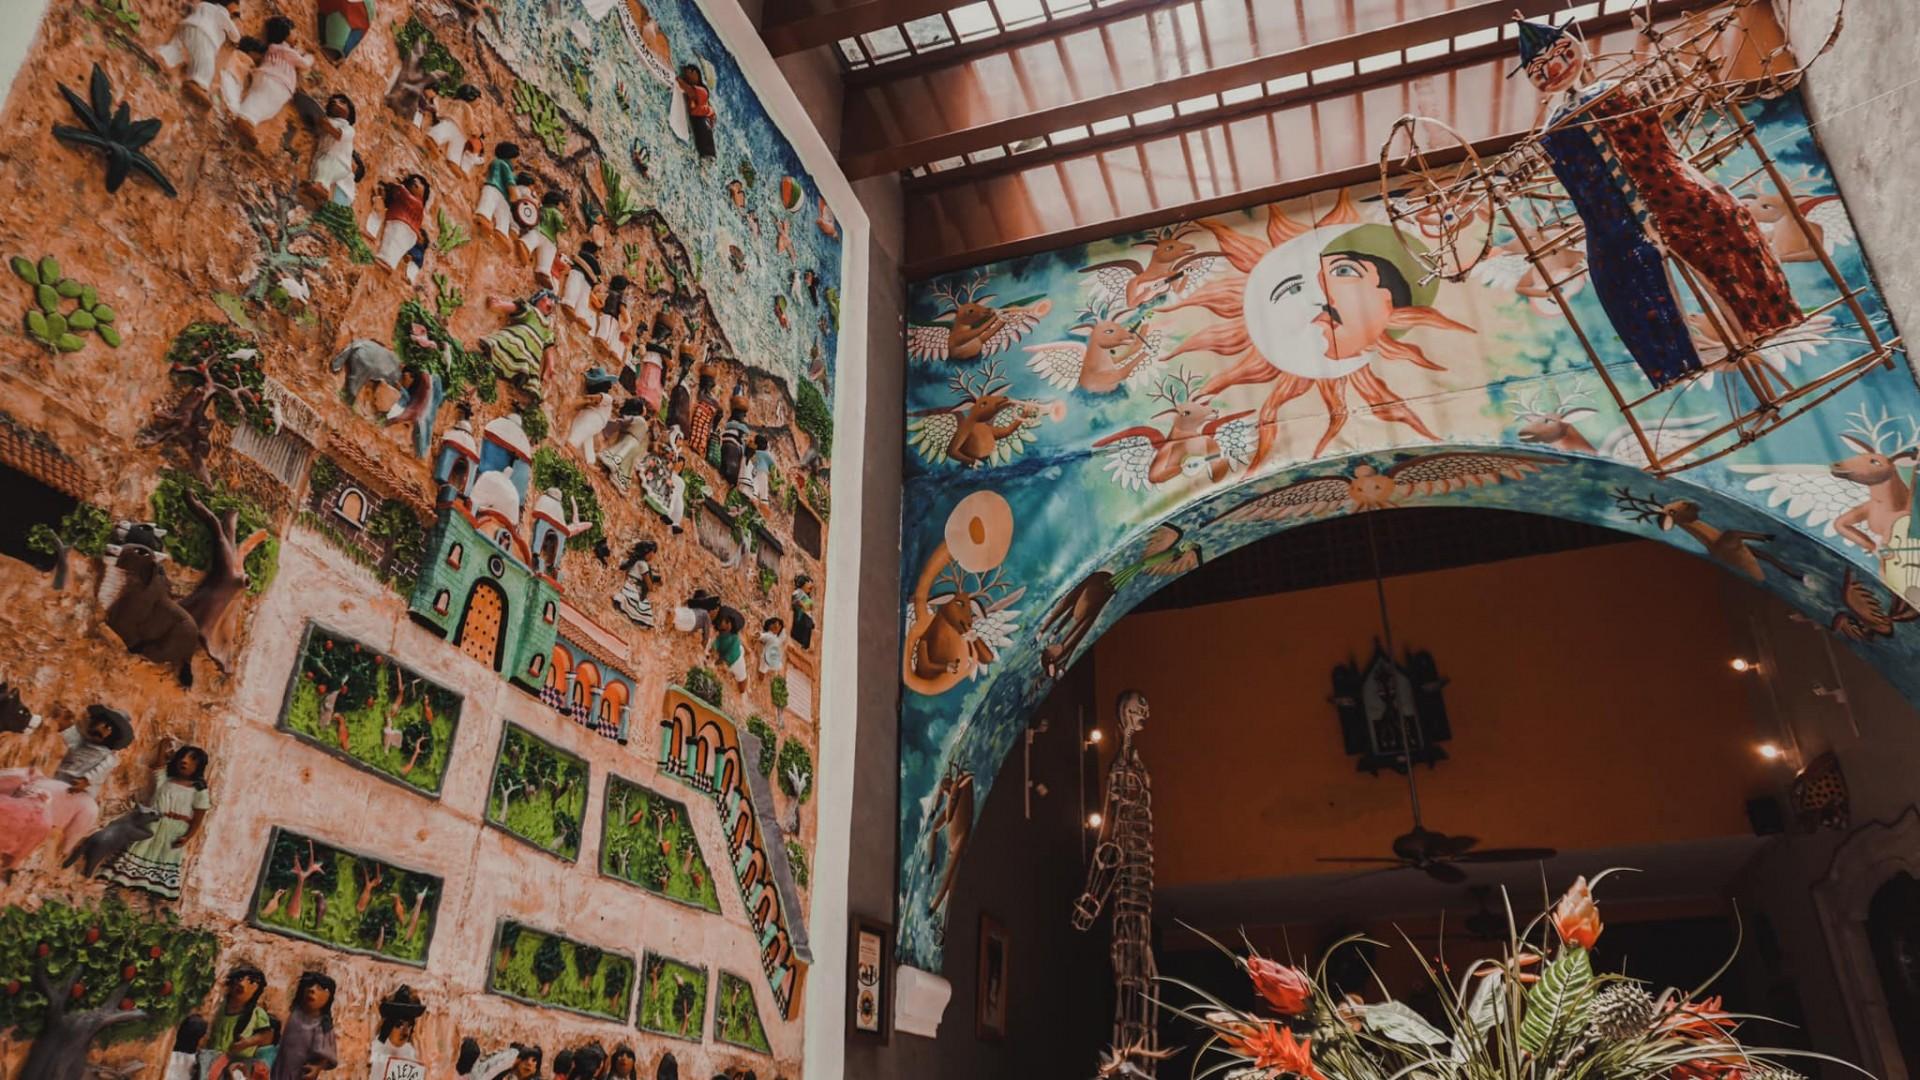 Casa de los Venados: Un museo de arte privado en Valladolid, Yucatán